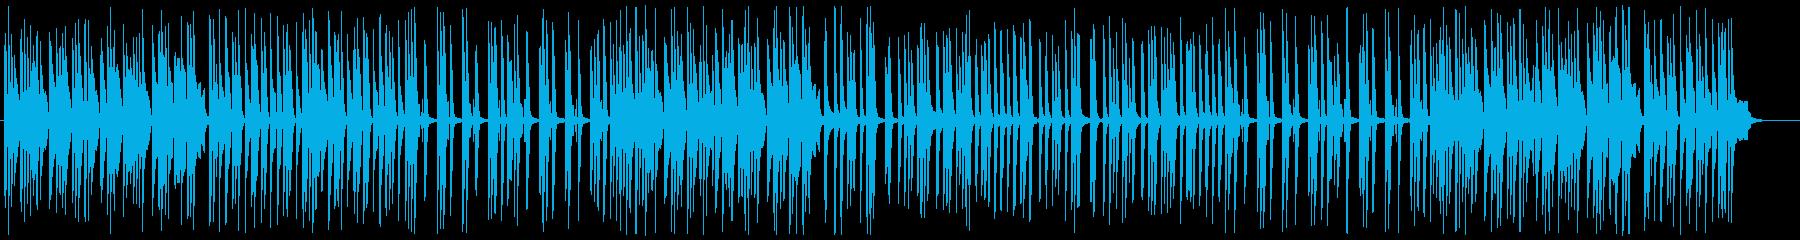 ピアノとマリンバの可愛いアコースティックの再生済みの波形